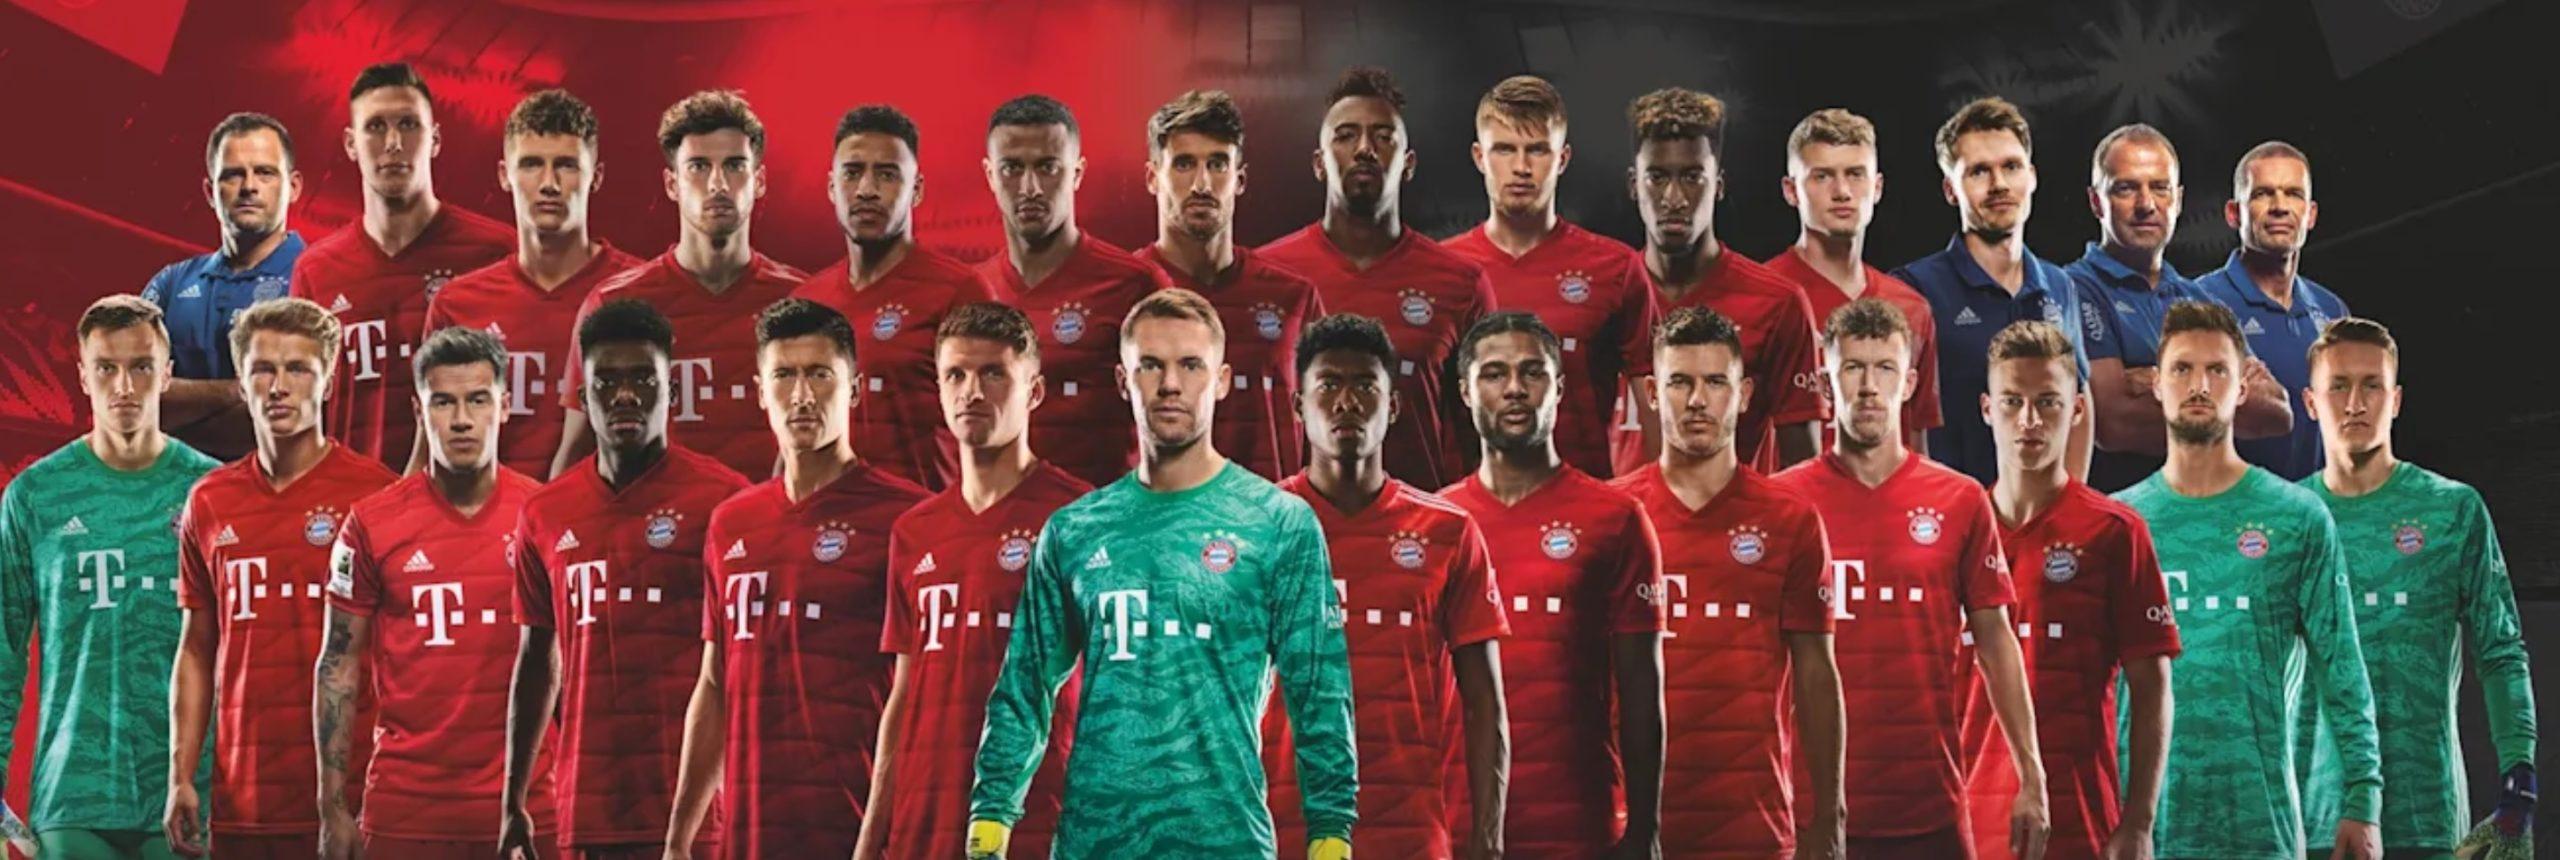 Who should Bayern Munich sign to replace Thiago?